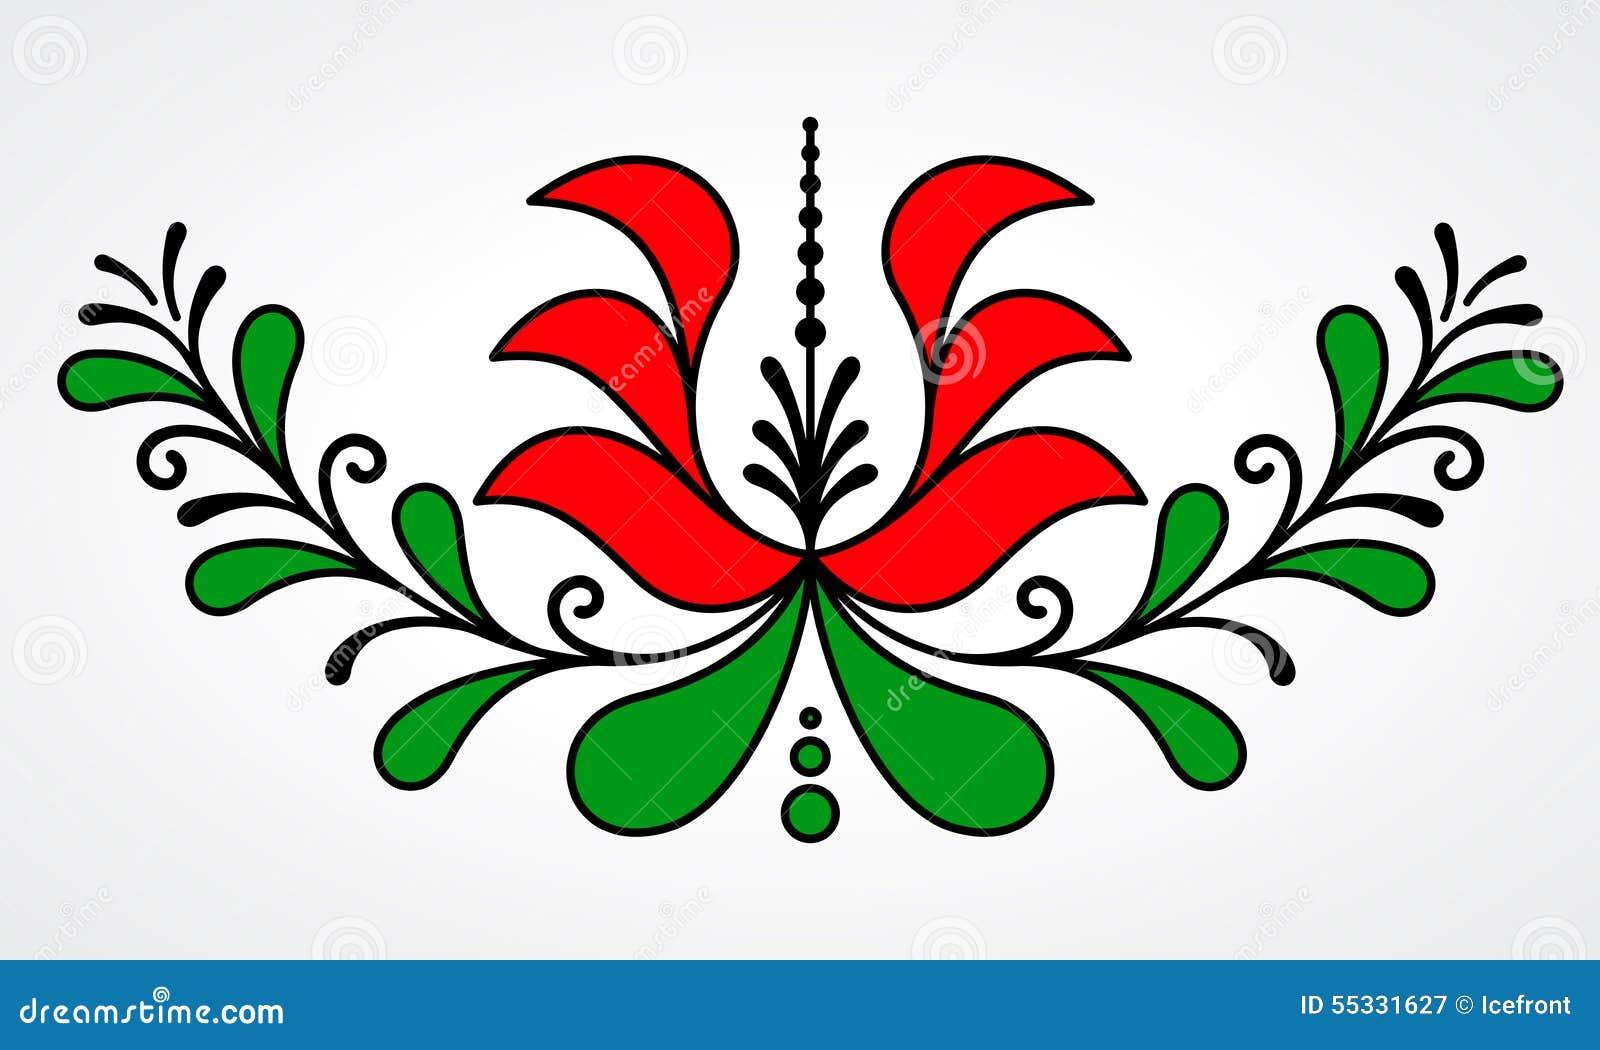 Motif floral hongrois traditionnel